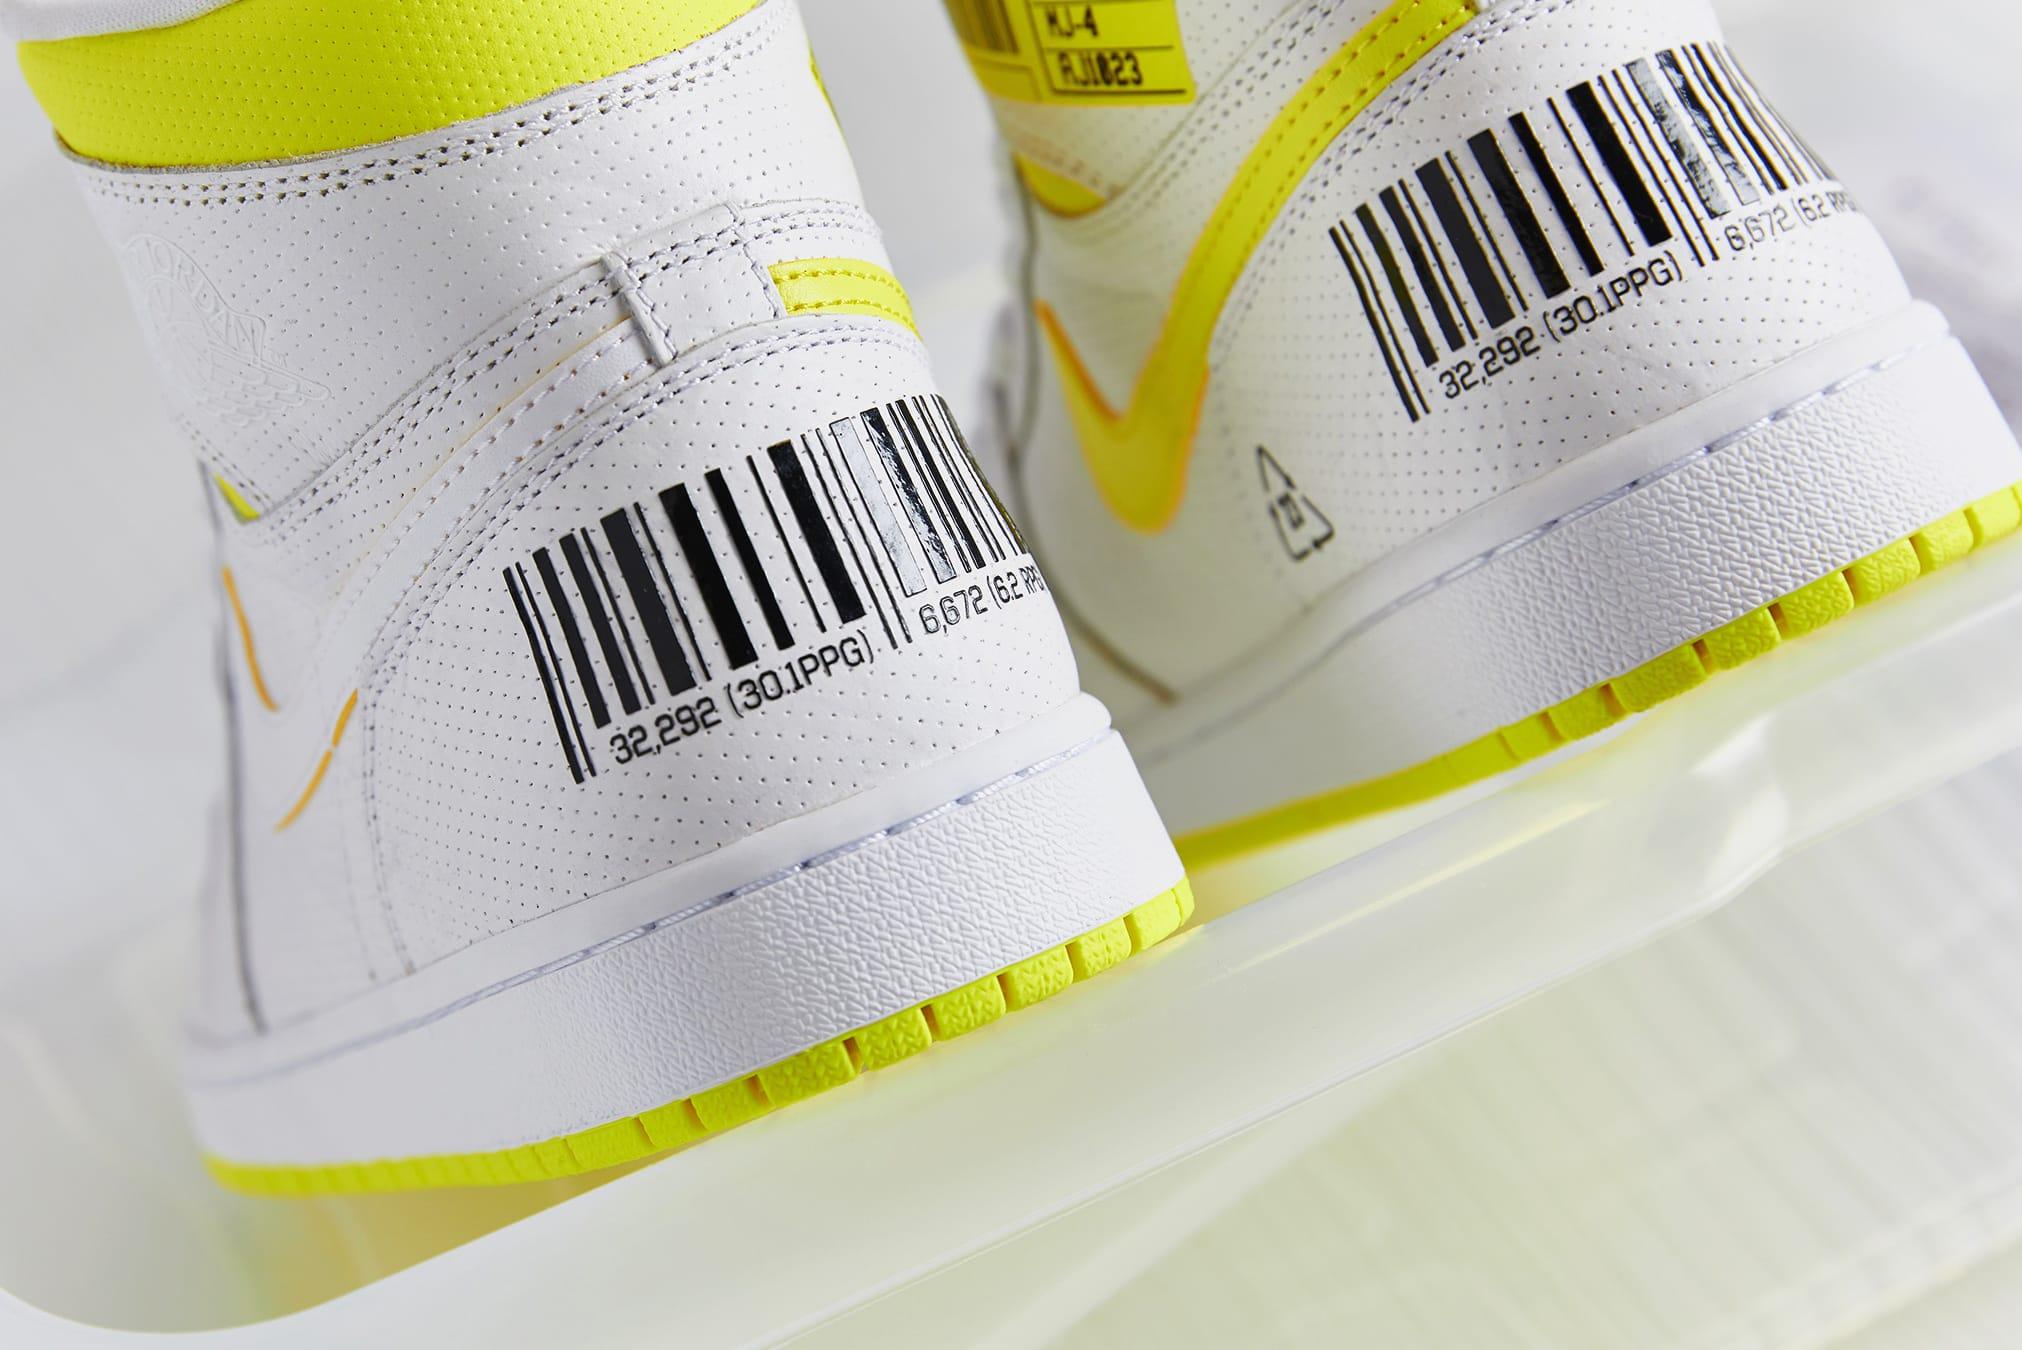 Nike Air Jordan 1 High OG 'First Class Flight' - 555088-170